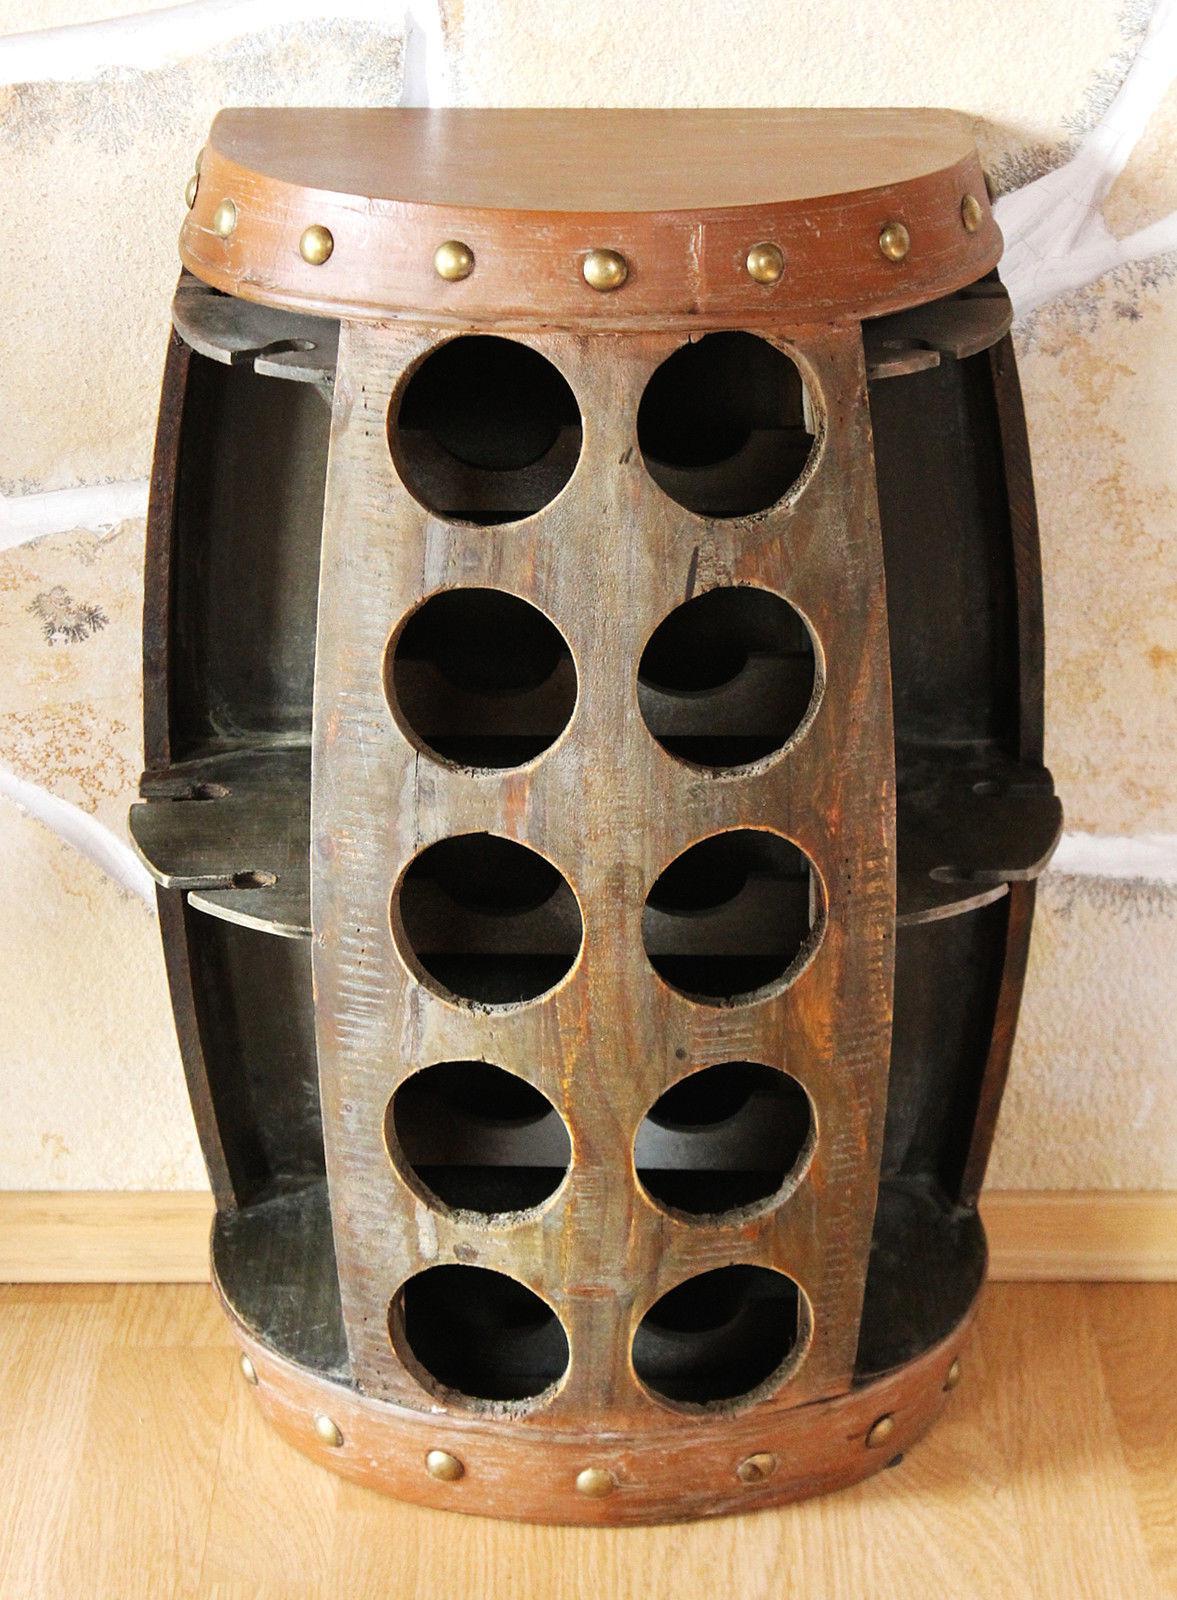 Details Zu Gro C3 9fe H C3 B6lzerne Fass Weinflaschen Halter Display Lagerregal Handgefertigt Weinflaschenhalter Aus Holz Mehr Als 100 Angebote Fotos